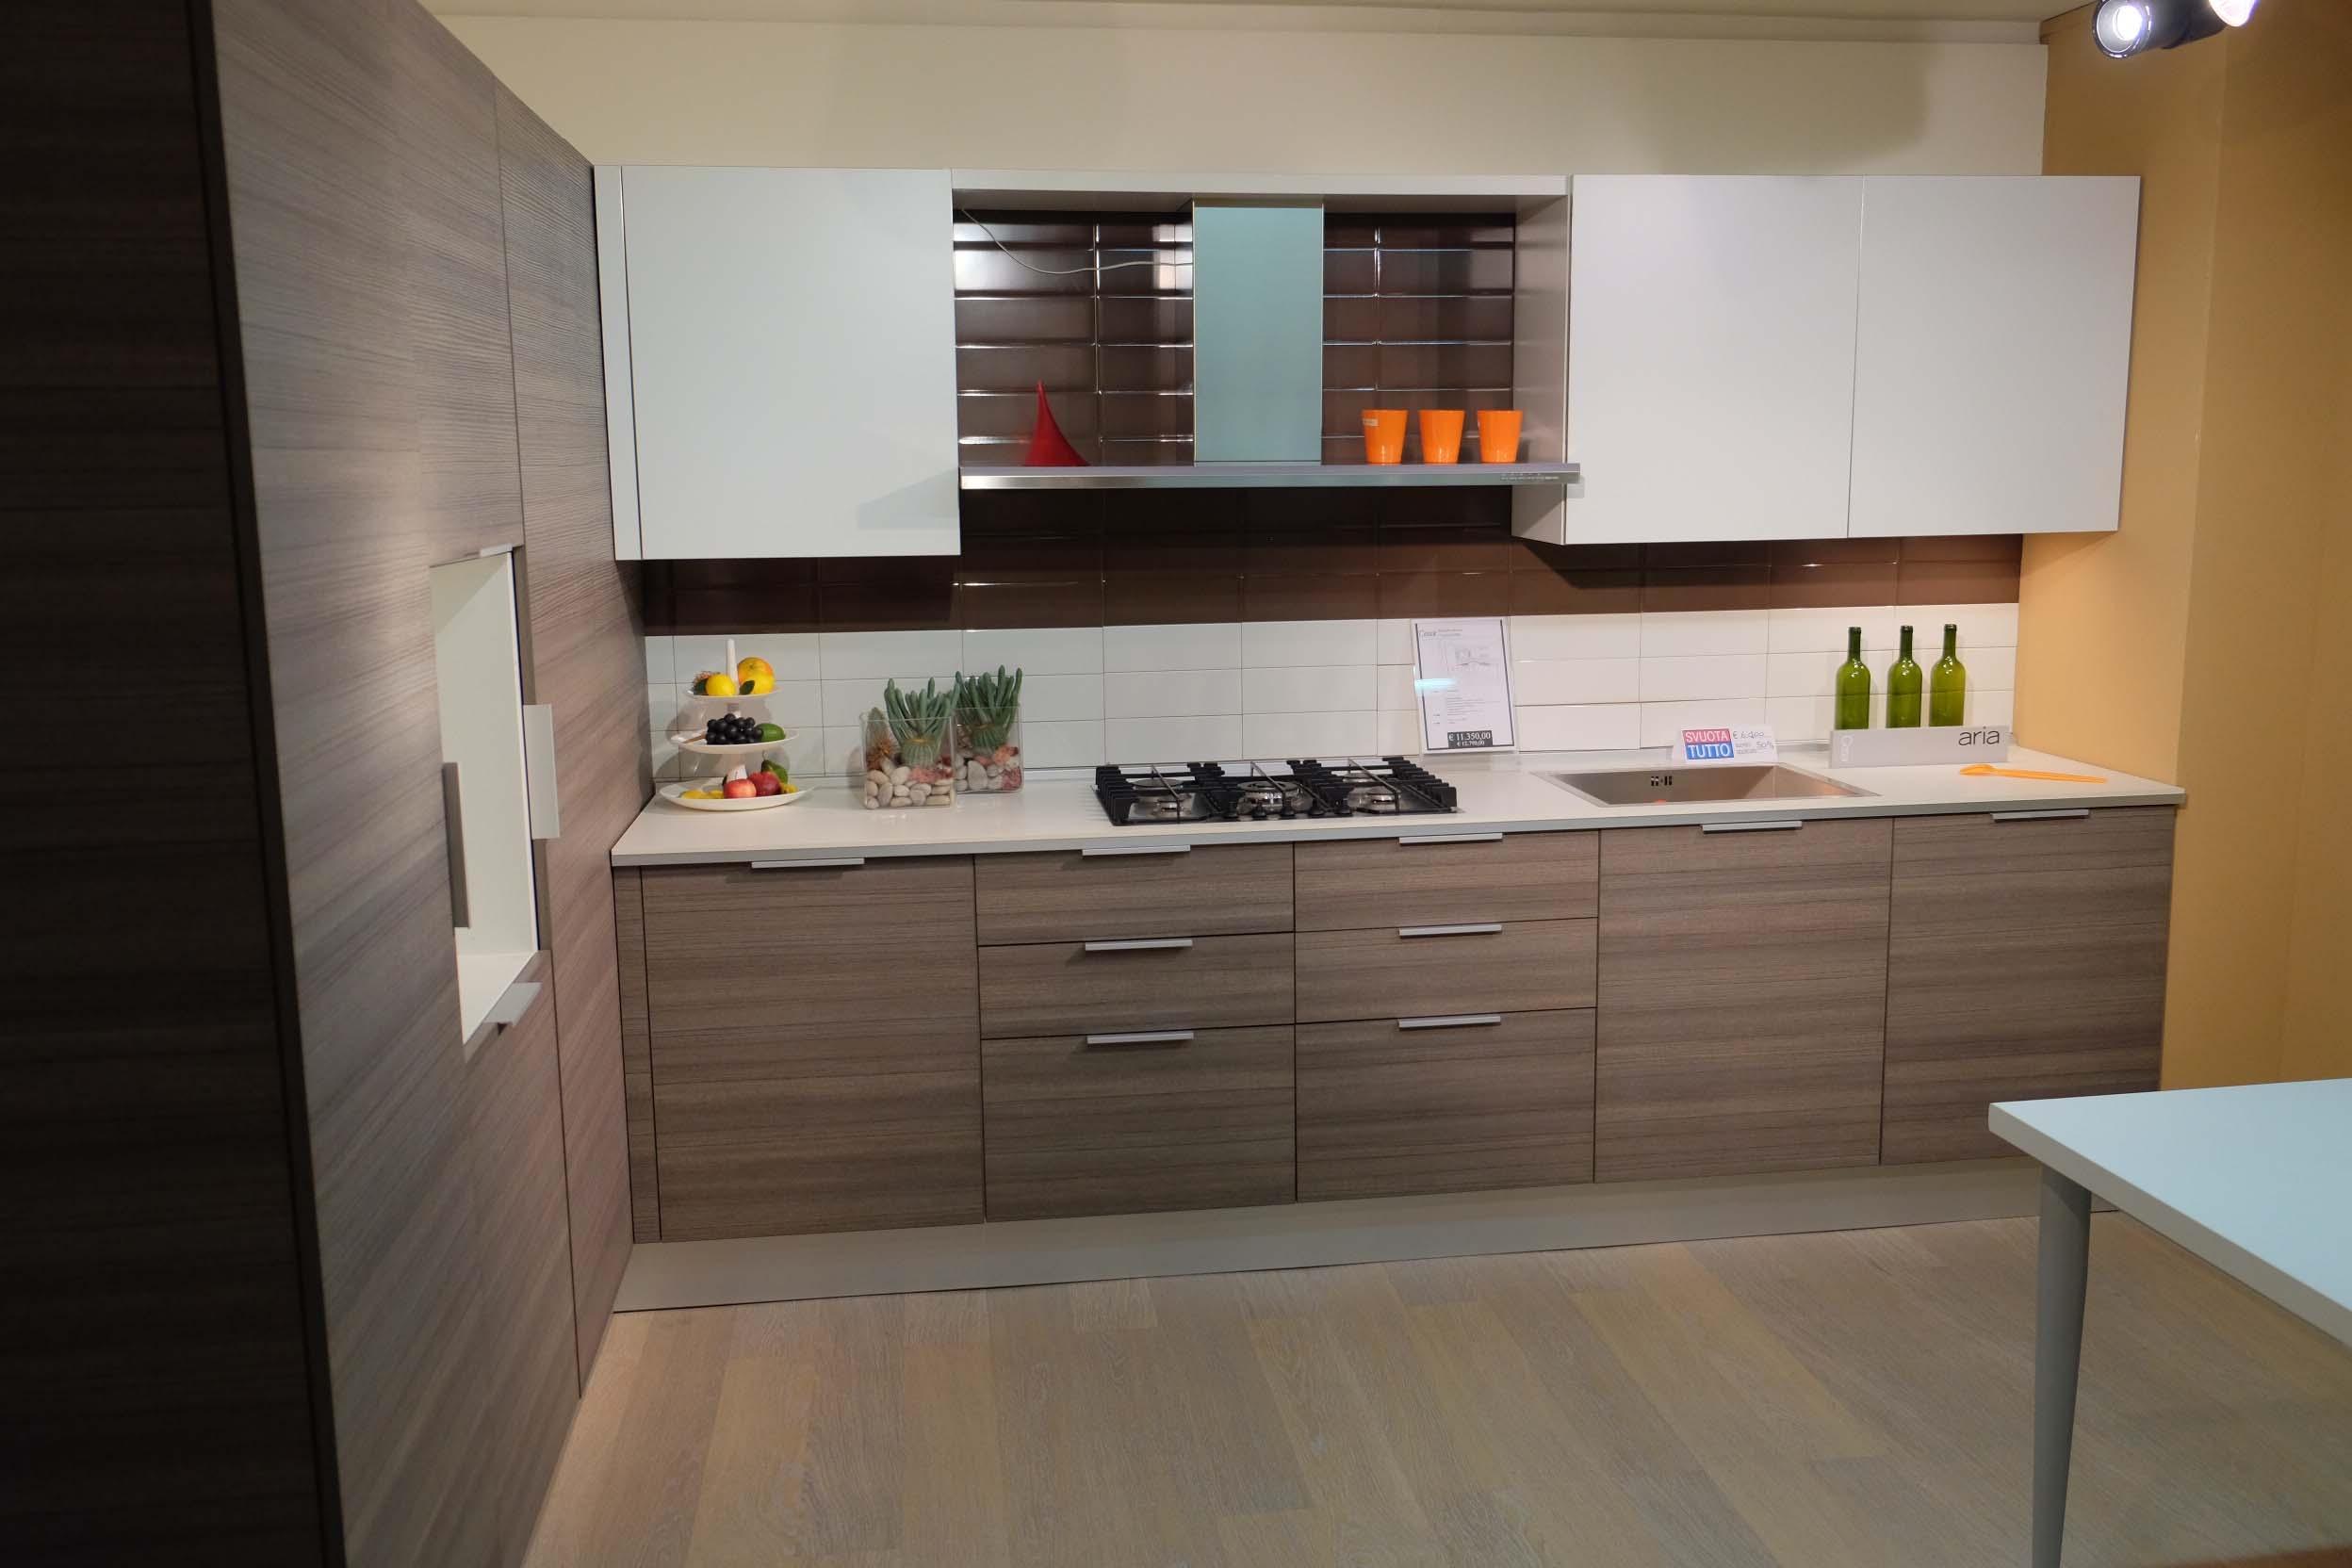 Cucina Cesar Cucine Aria In Laminato Legno Rovere Grigio E Laminato  #AA5F21 2496 1664 Top Cucina In Laminato Opinioni